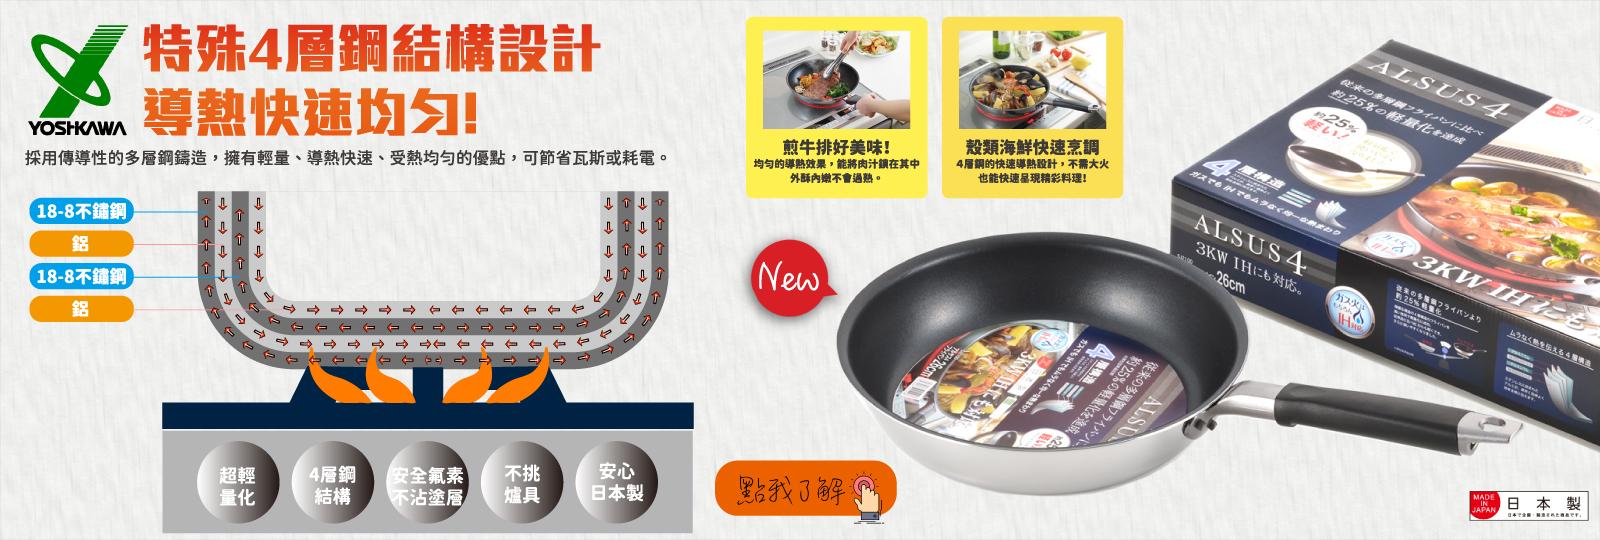 鄉技,鐵鍋,吉川,不沾鍋,四層鋼,YOSHKAWA,平底鍋